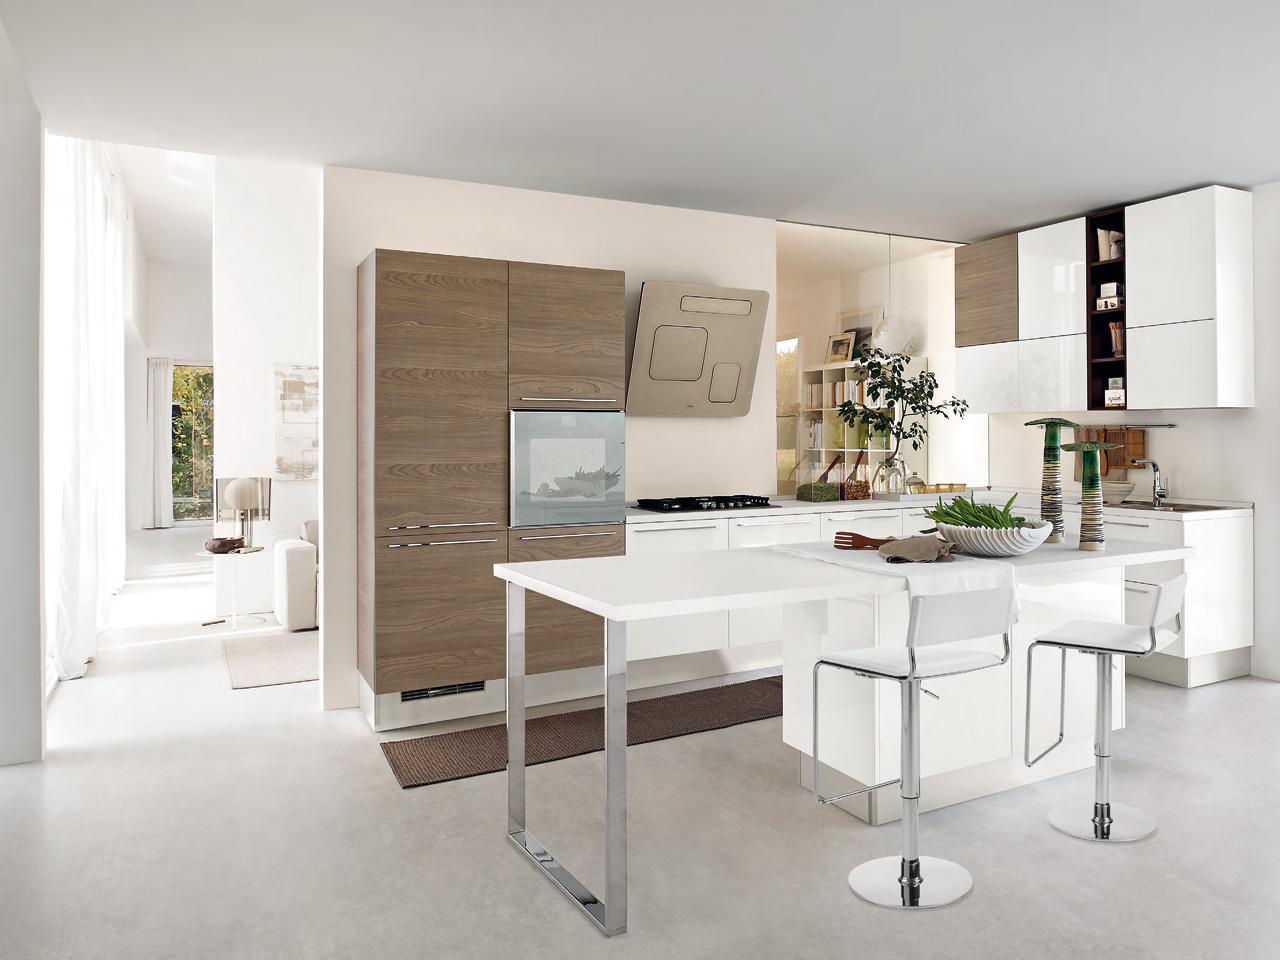 Cucine Piccole Dimensioni Ikea : Cucine Di Piccole Dimensioni Ikea  #495E31 1280 960 Foto Di Cucine Giocattolo